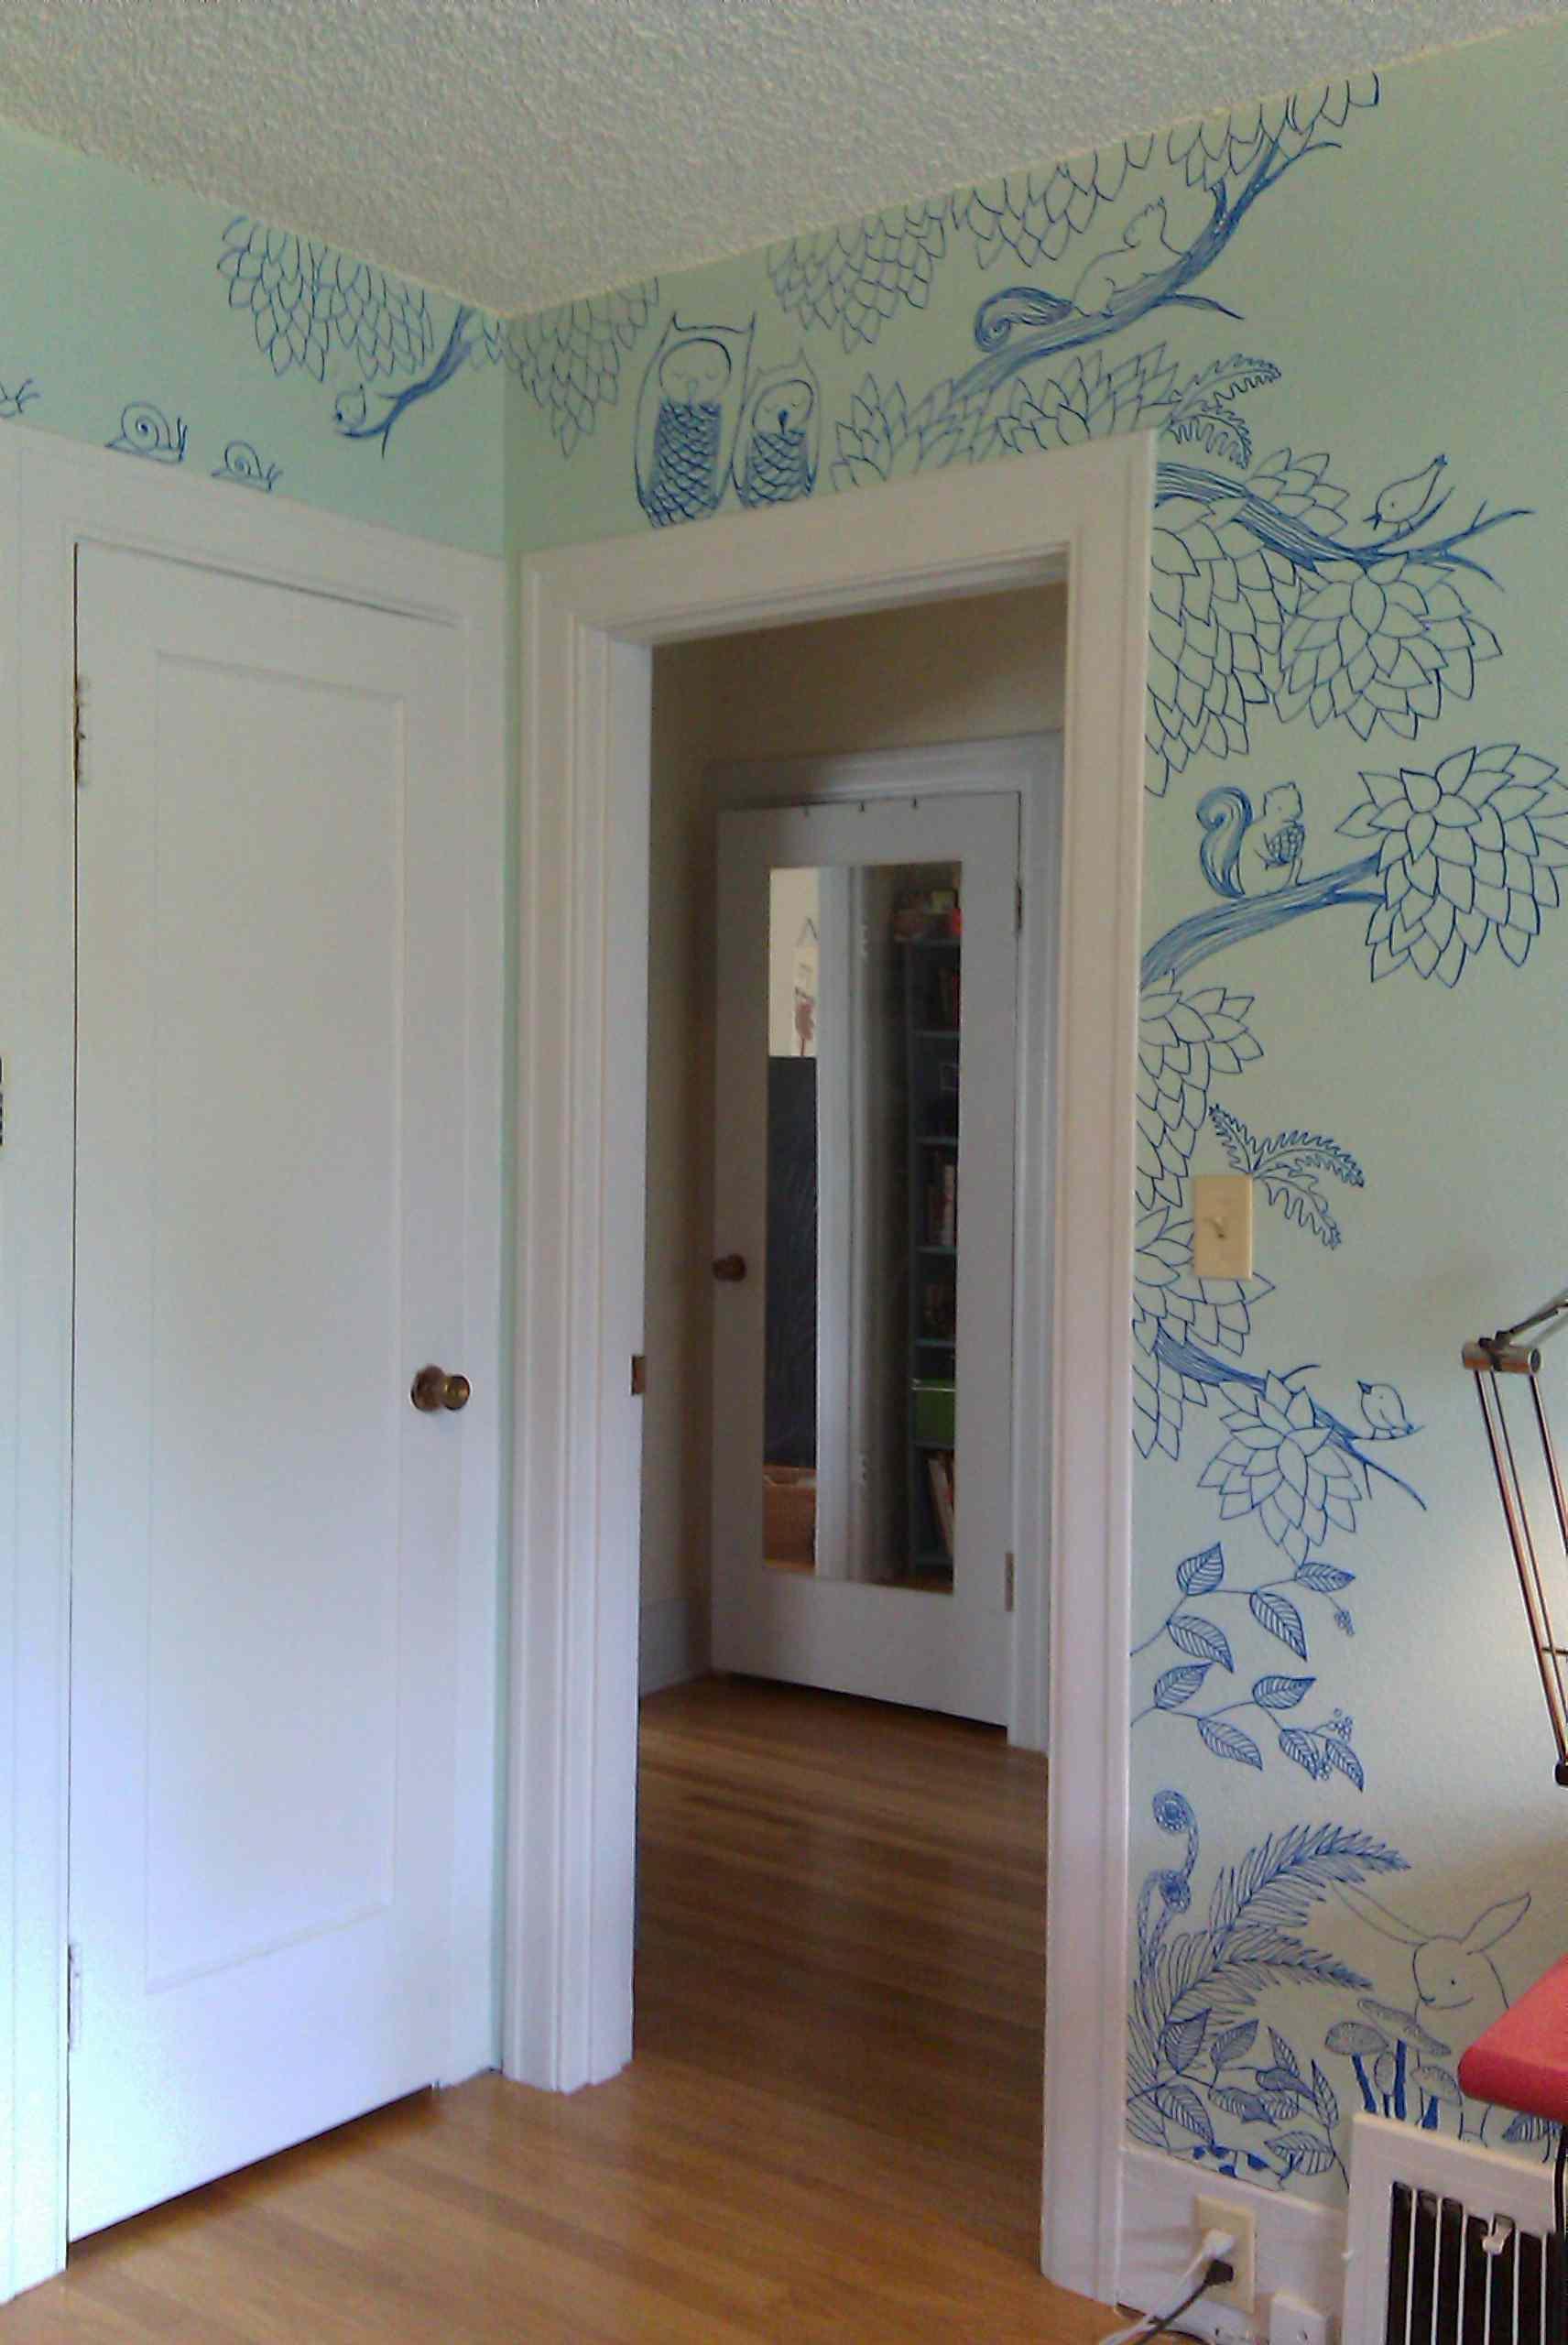 Sharpie art doodles around doorway